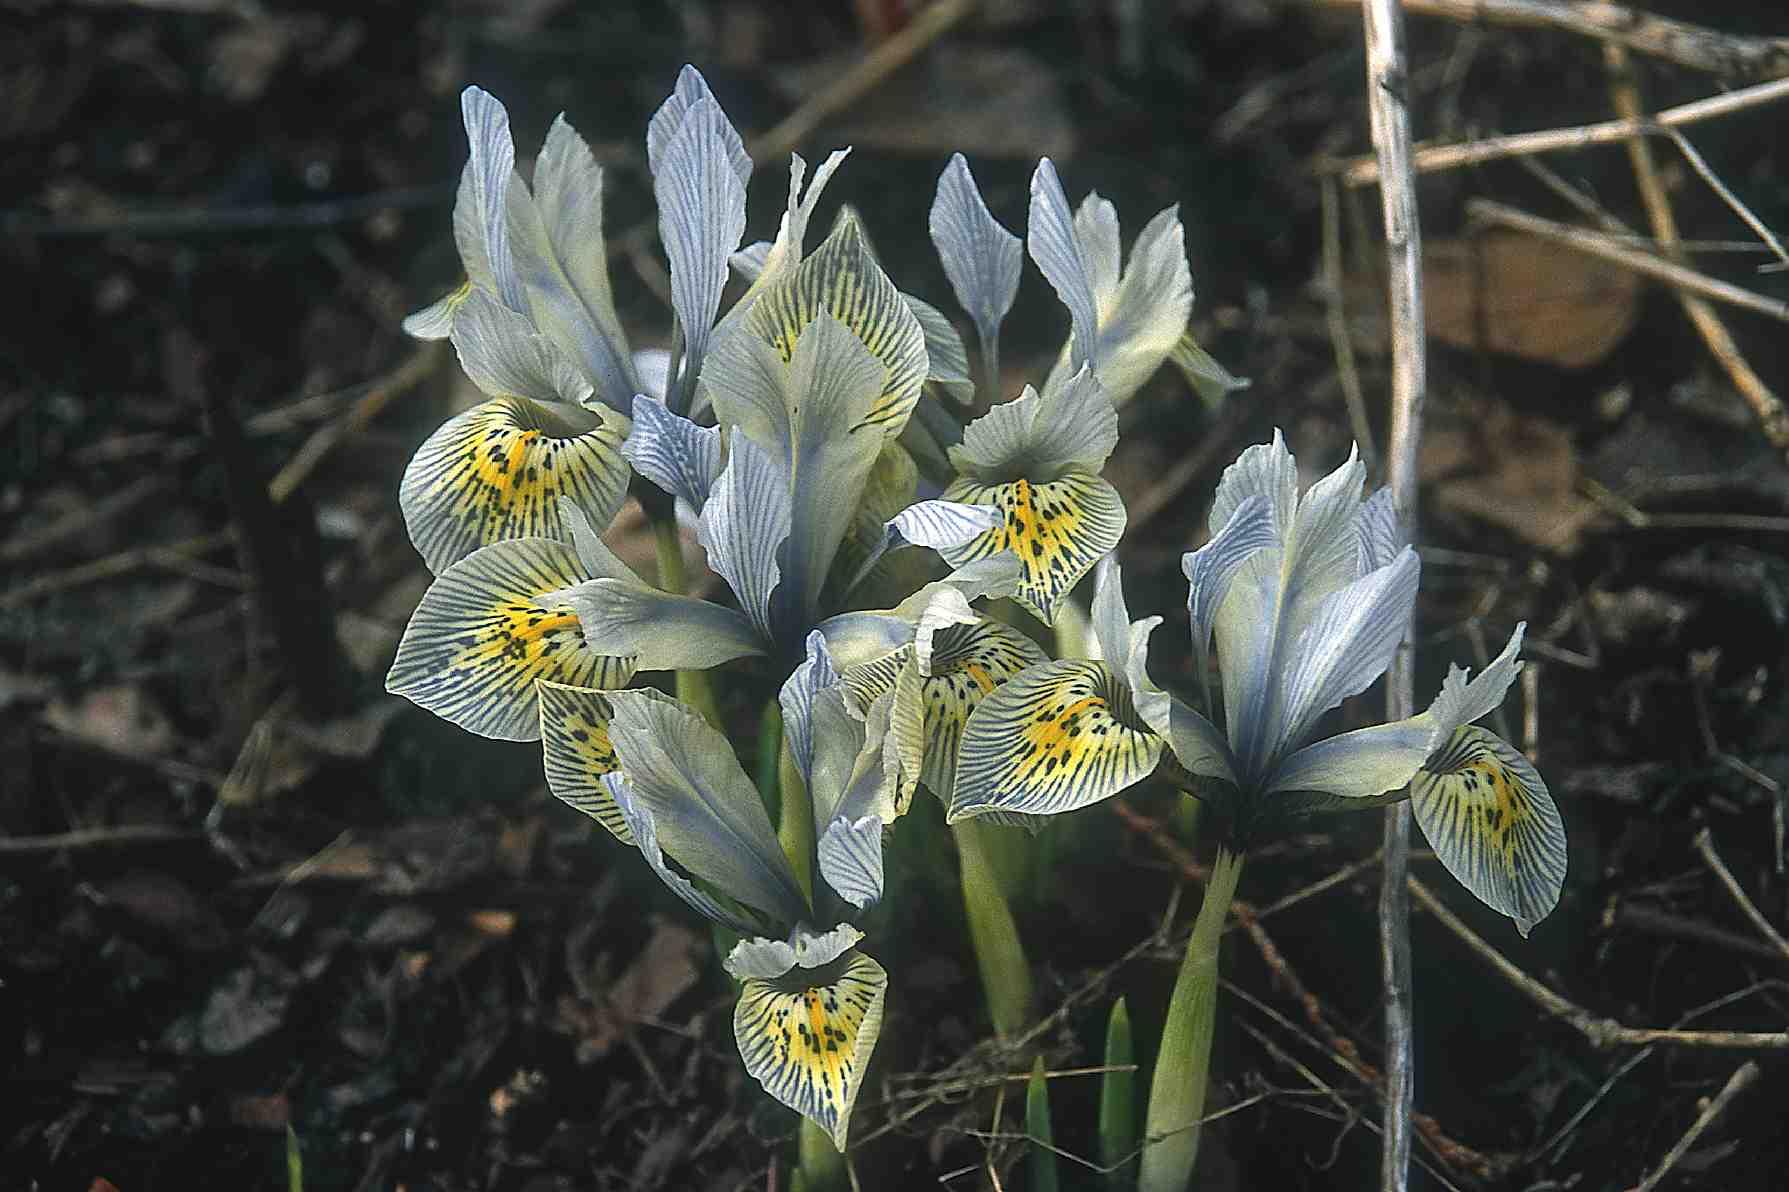 Reticulated iris laidback gardener iris katharine hodgkin izmirmasajfo